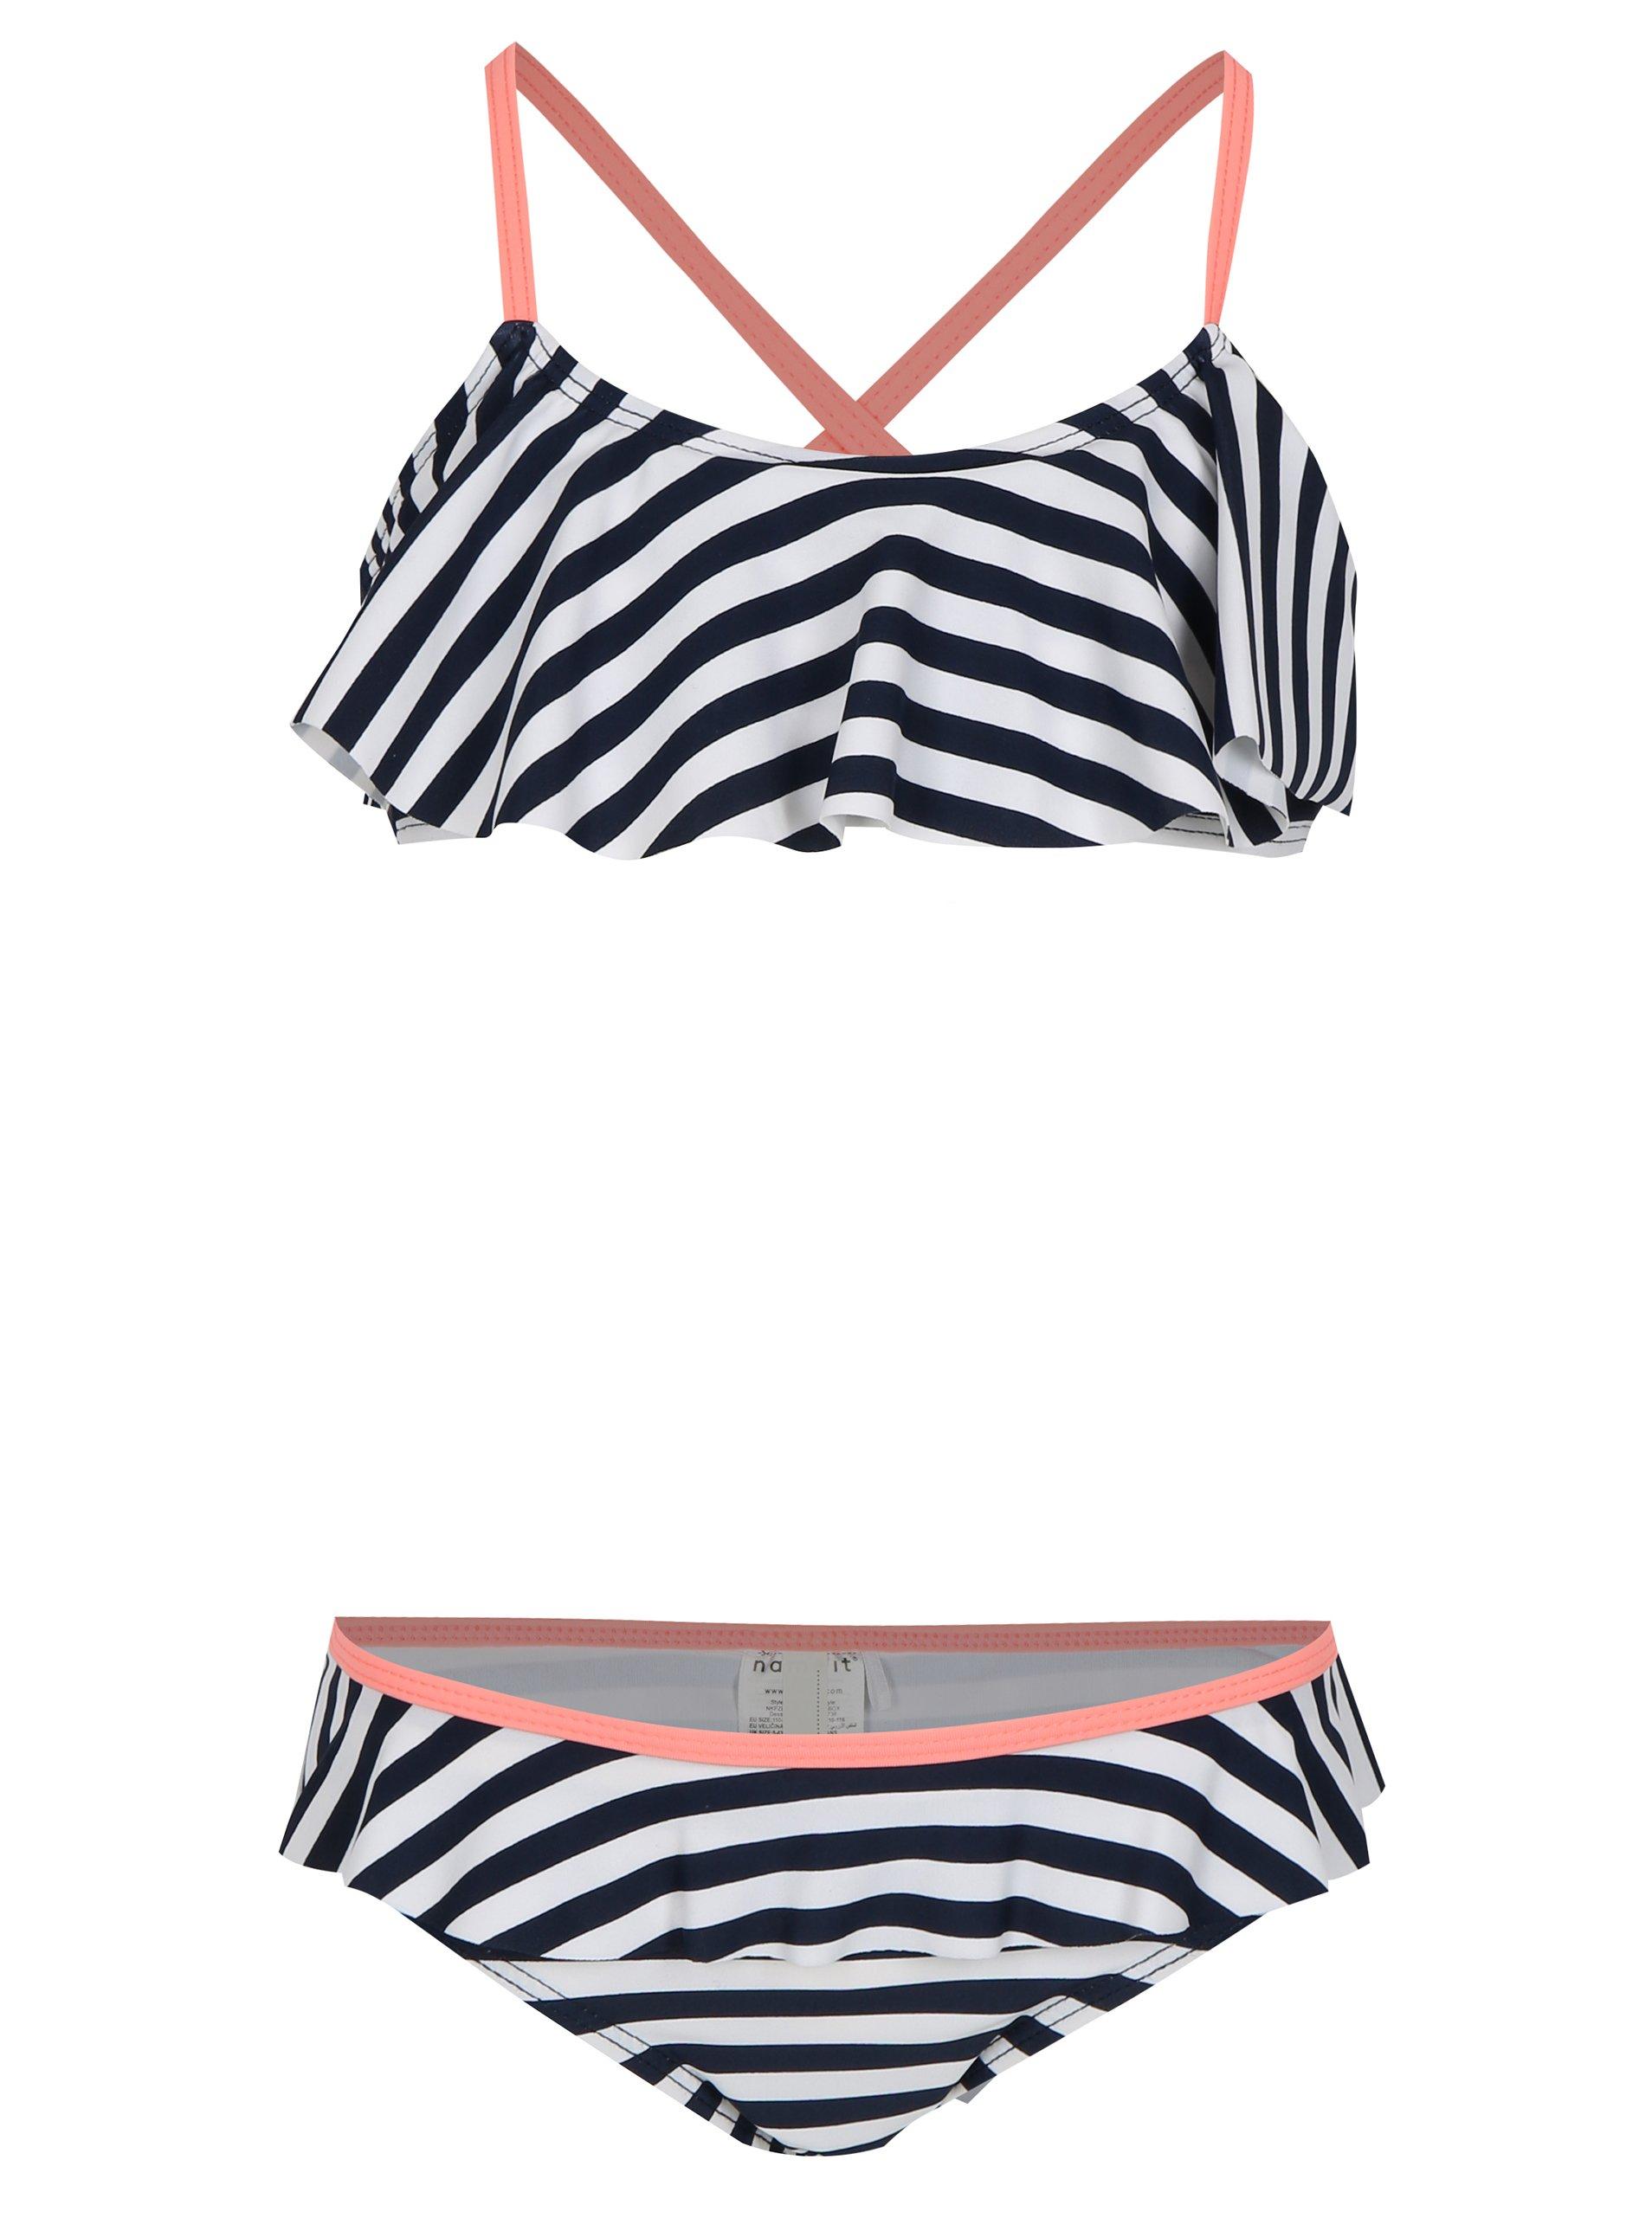 Tmavomodré dievčenské pruhované dvojdielne plavky name it Zu Jingle